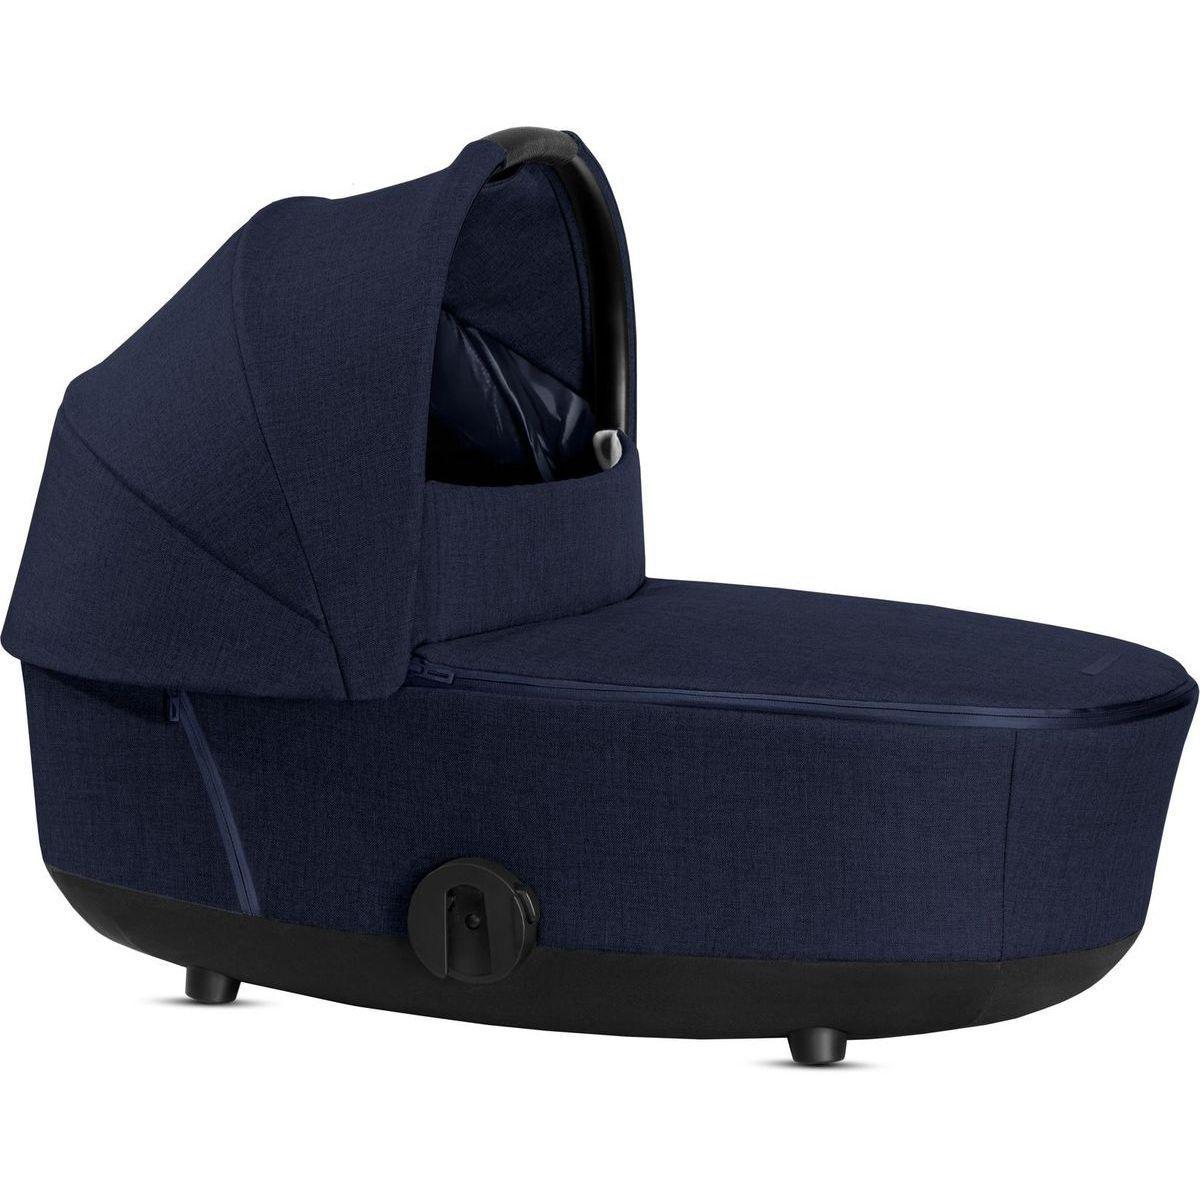 Nacelle de luxe MIOS Cybex Plus Midnight Blue Plus-navy blue